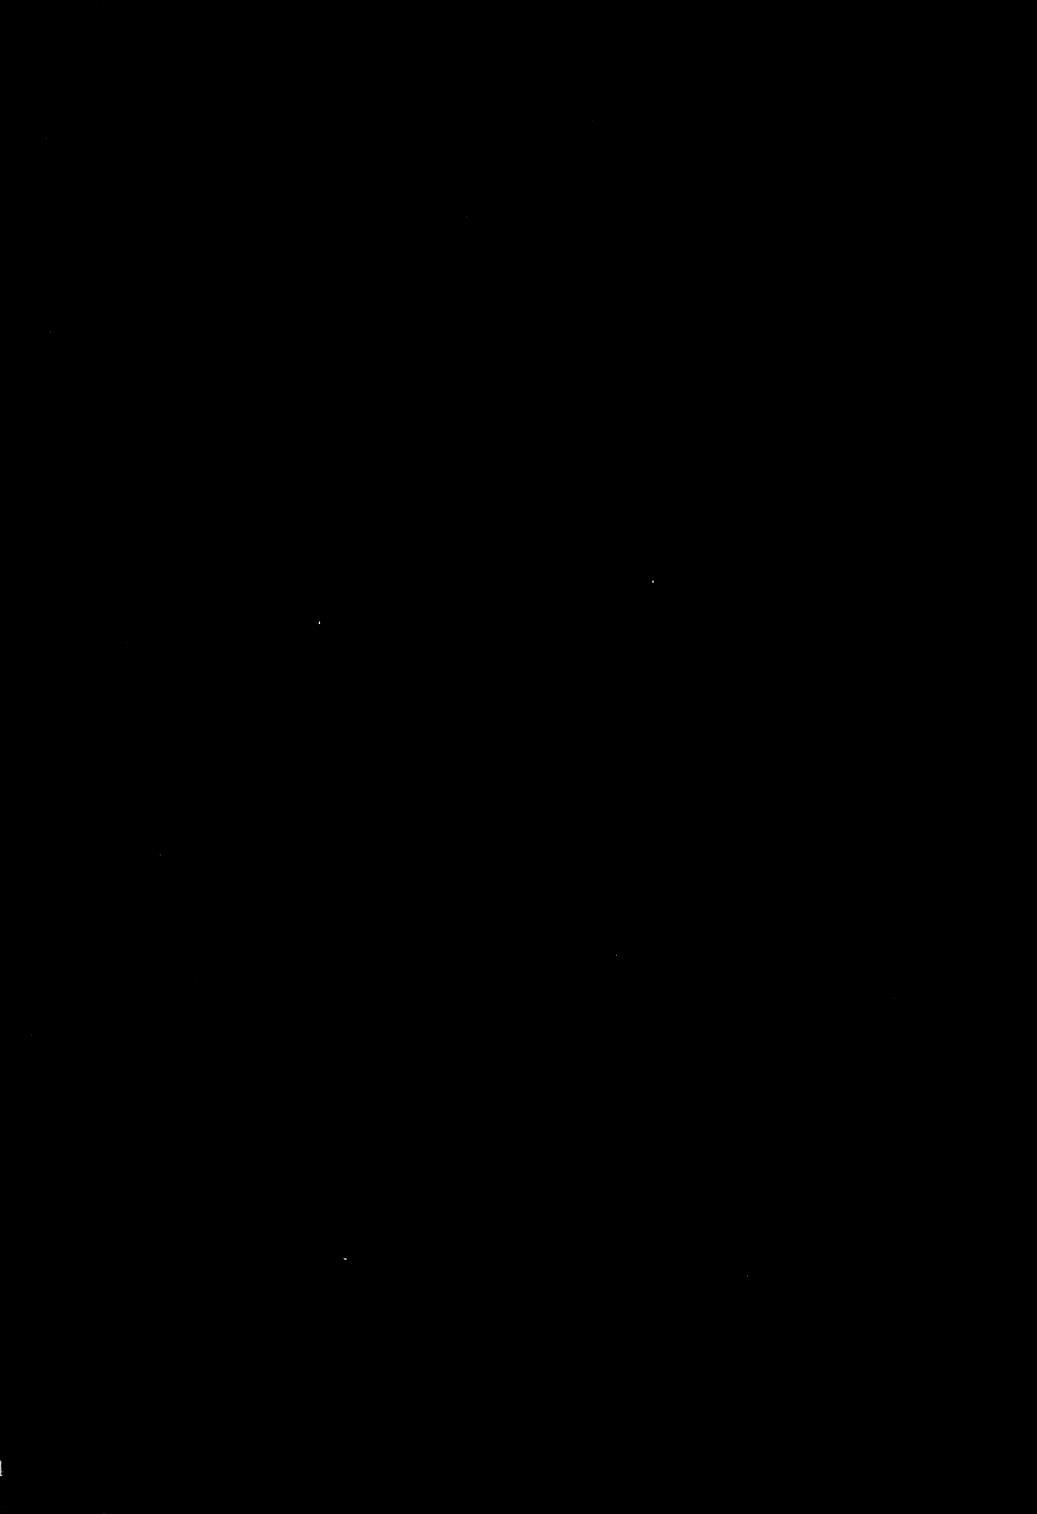 hisoka 2